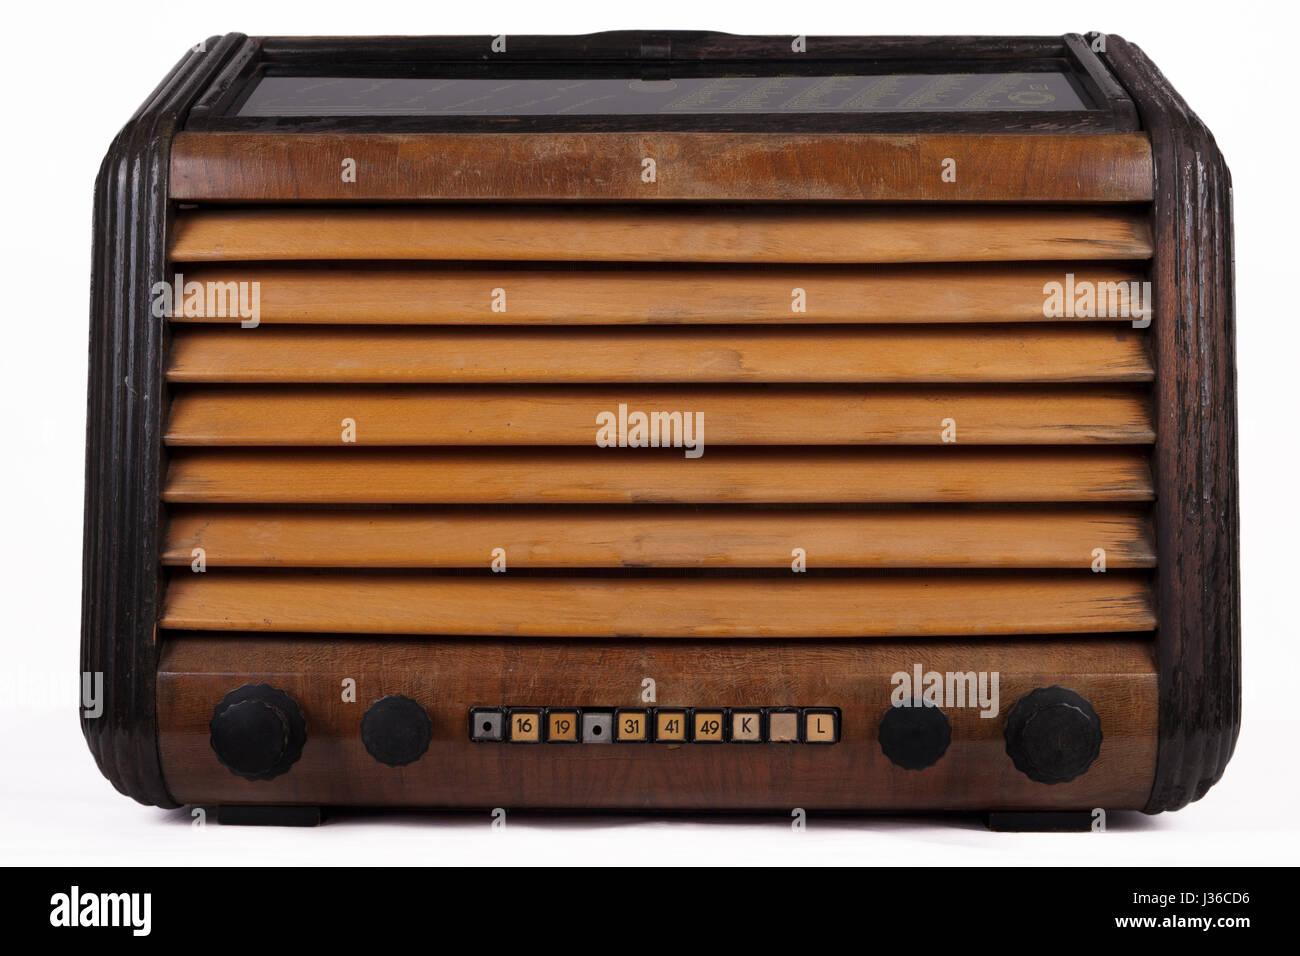 Old retro table tube radio isolated on white background Stock Photo